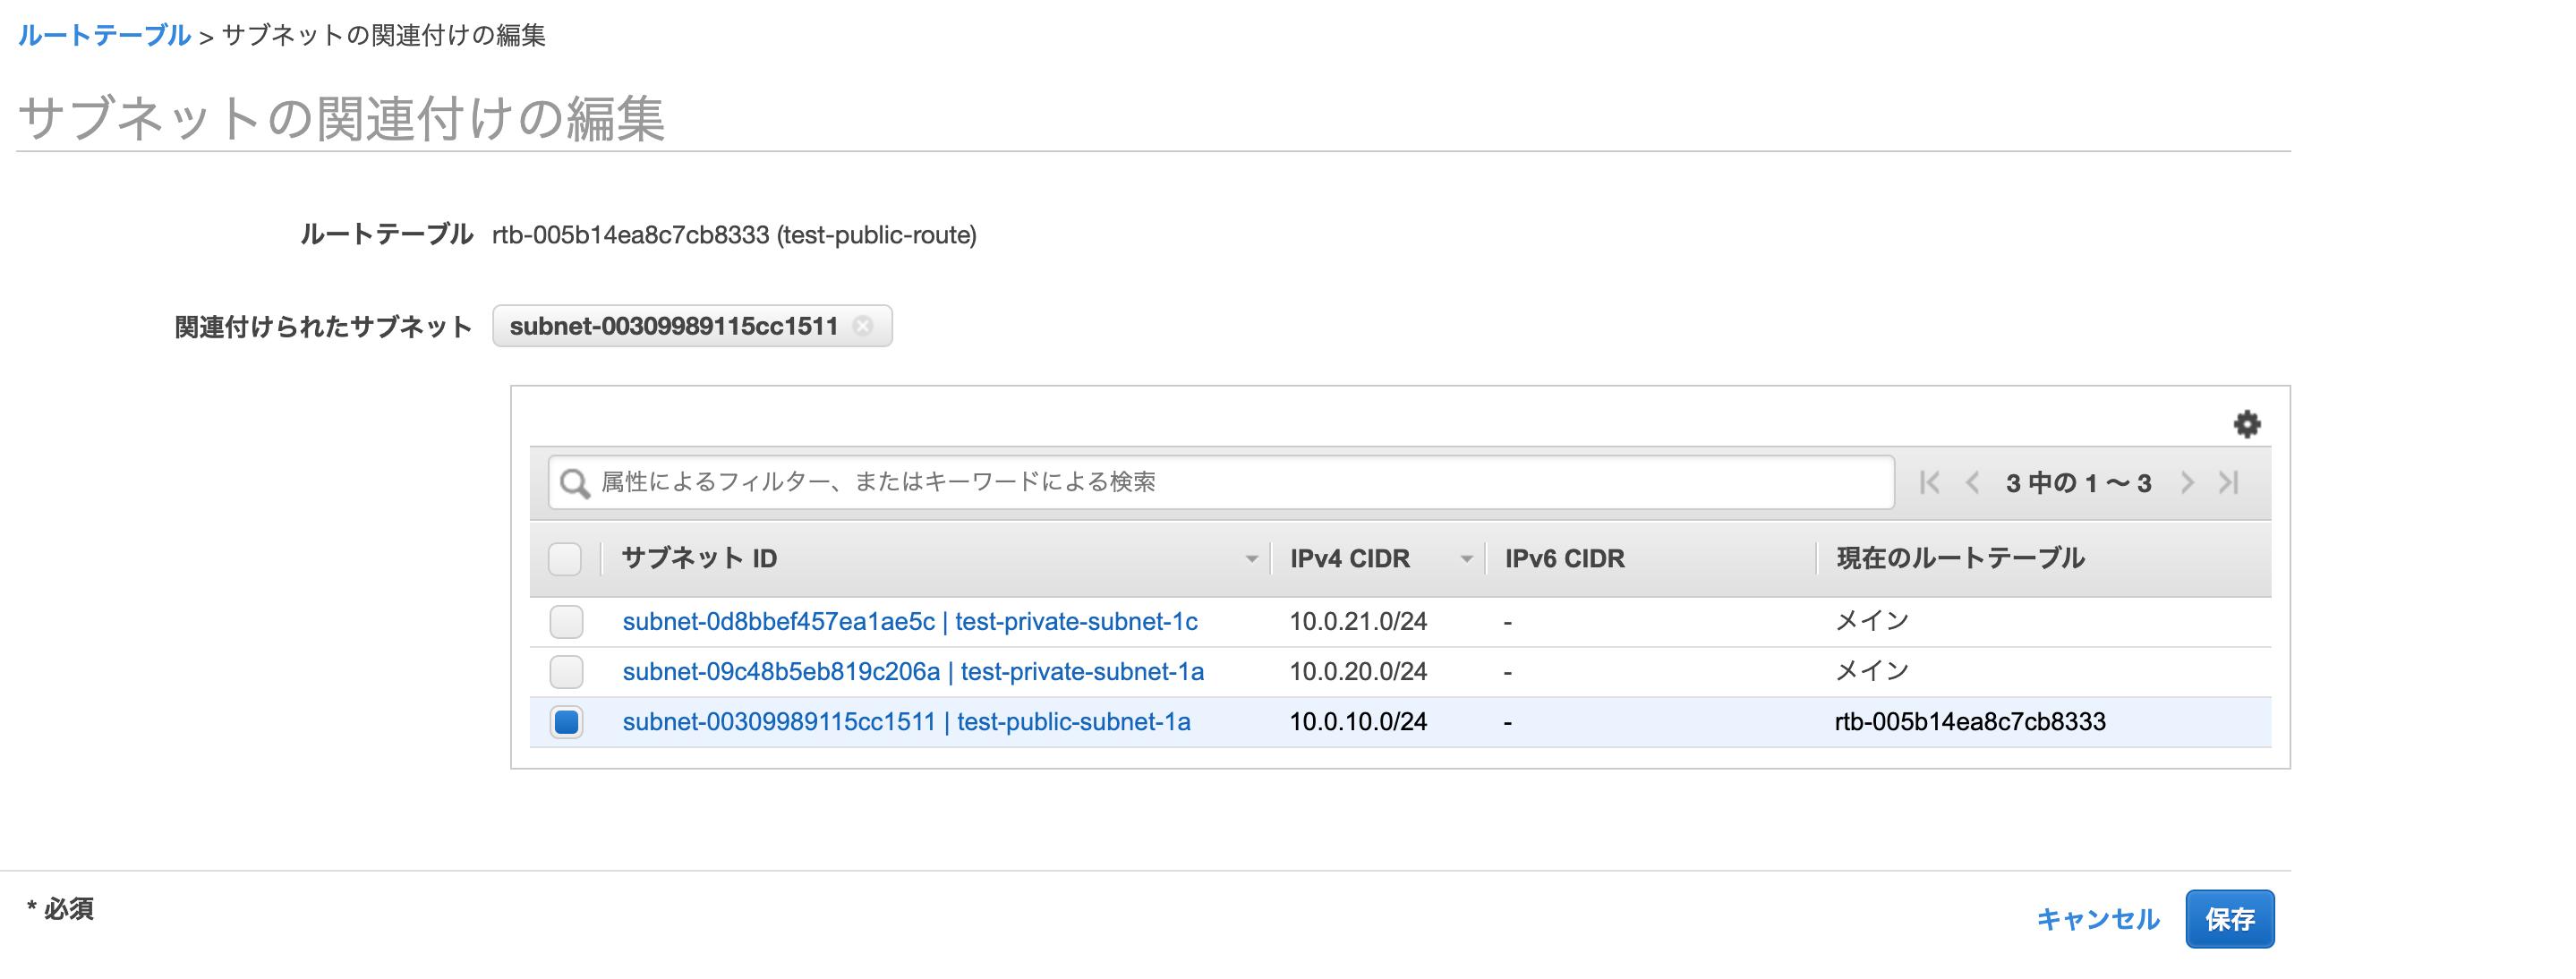 vpc_routingtable_associate_subnet.png